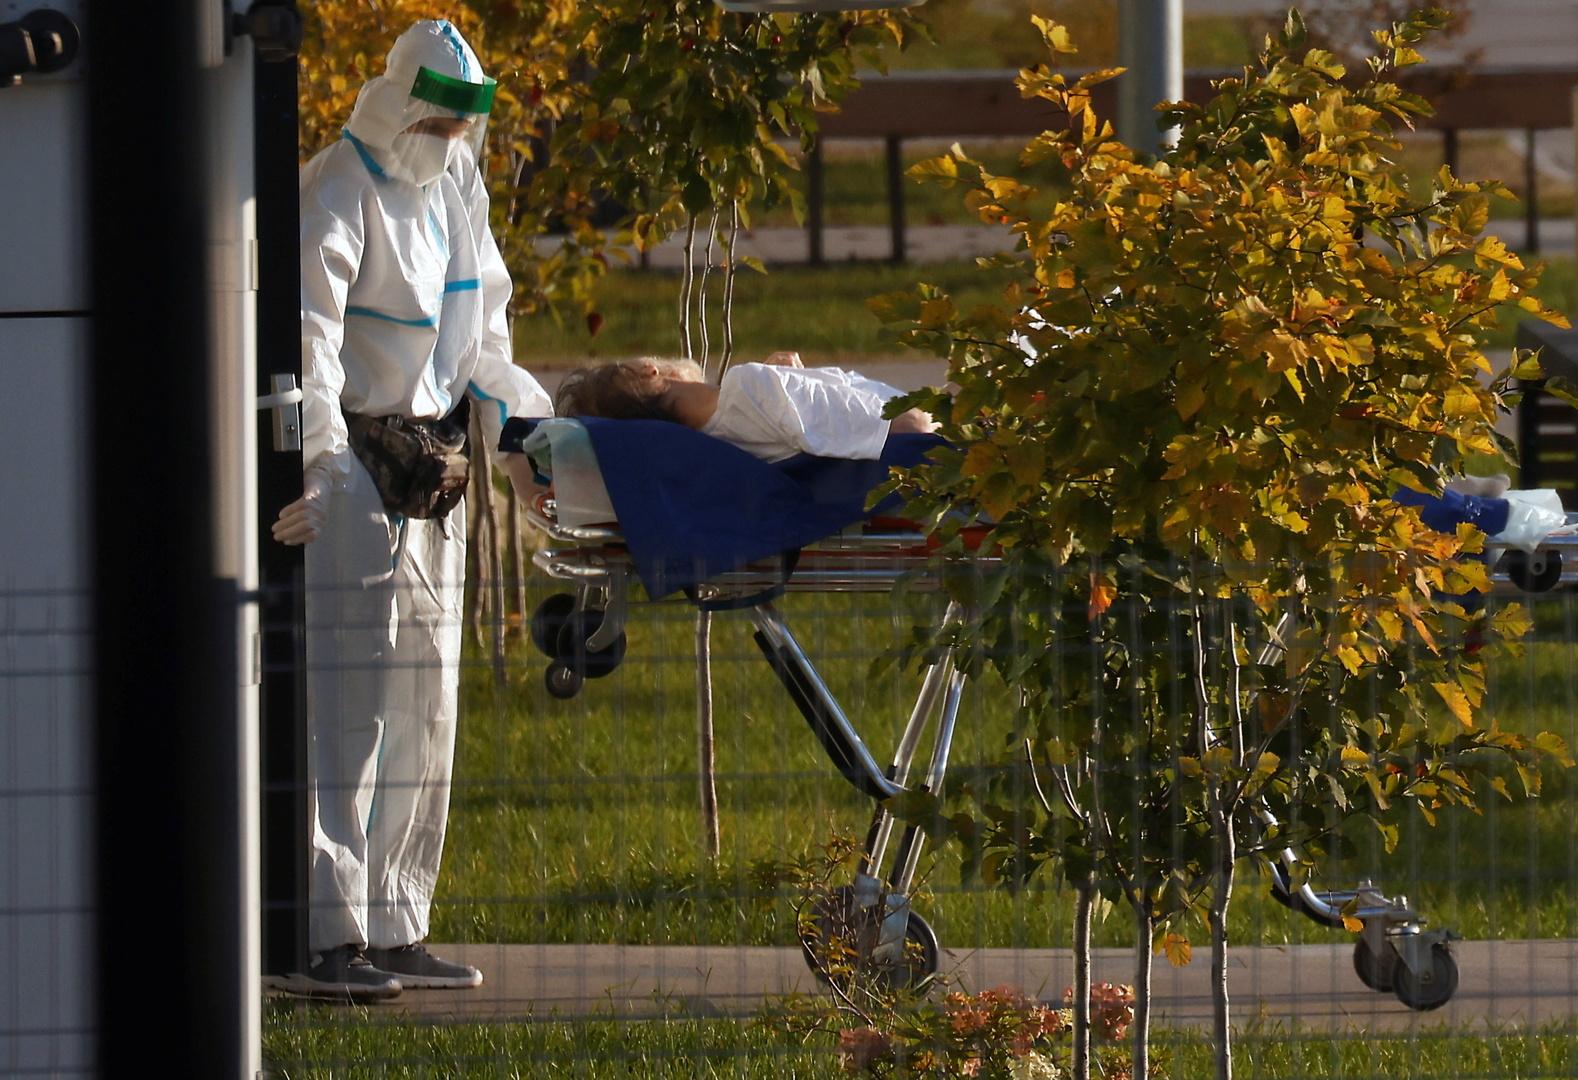 روسيا.. زيادة قياسية في عدد الإصابات بفيروس كورونا